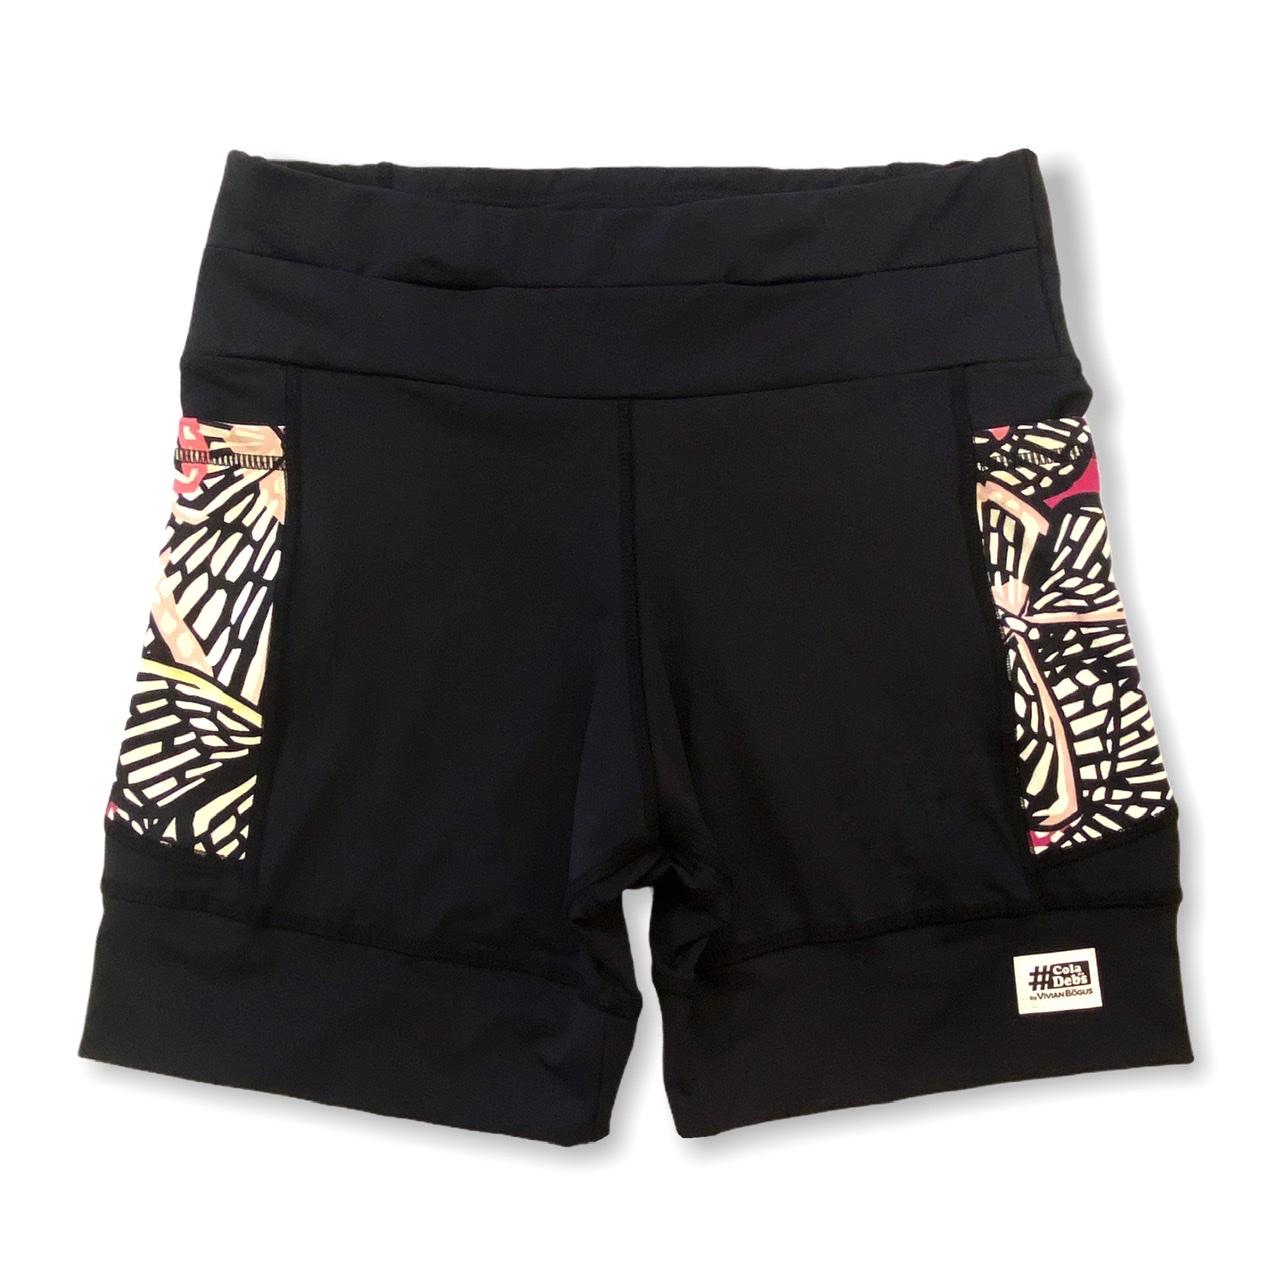 Shorts de compressão 1500 bolsos em sportiva preto com bolsos laterais estampa Borboletas  - Vivian Bógus